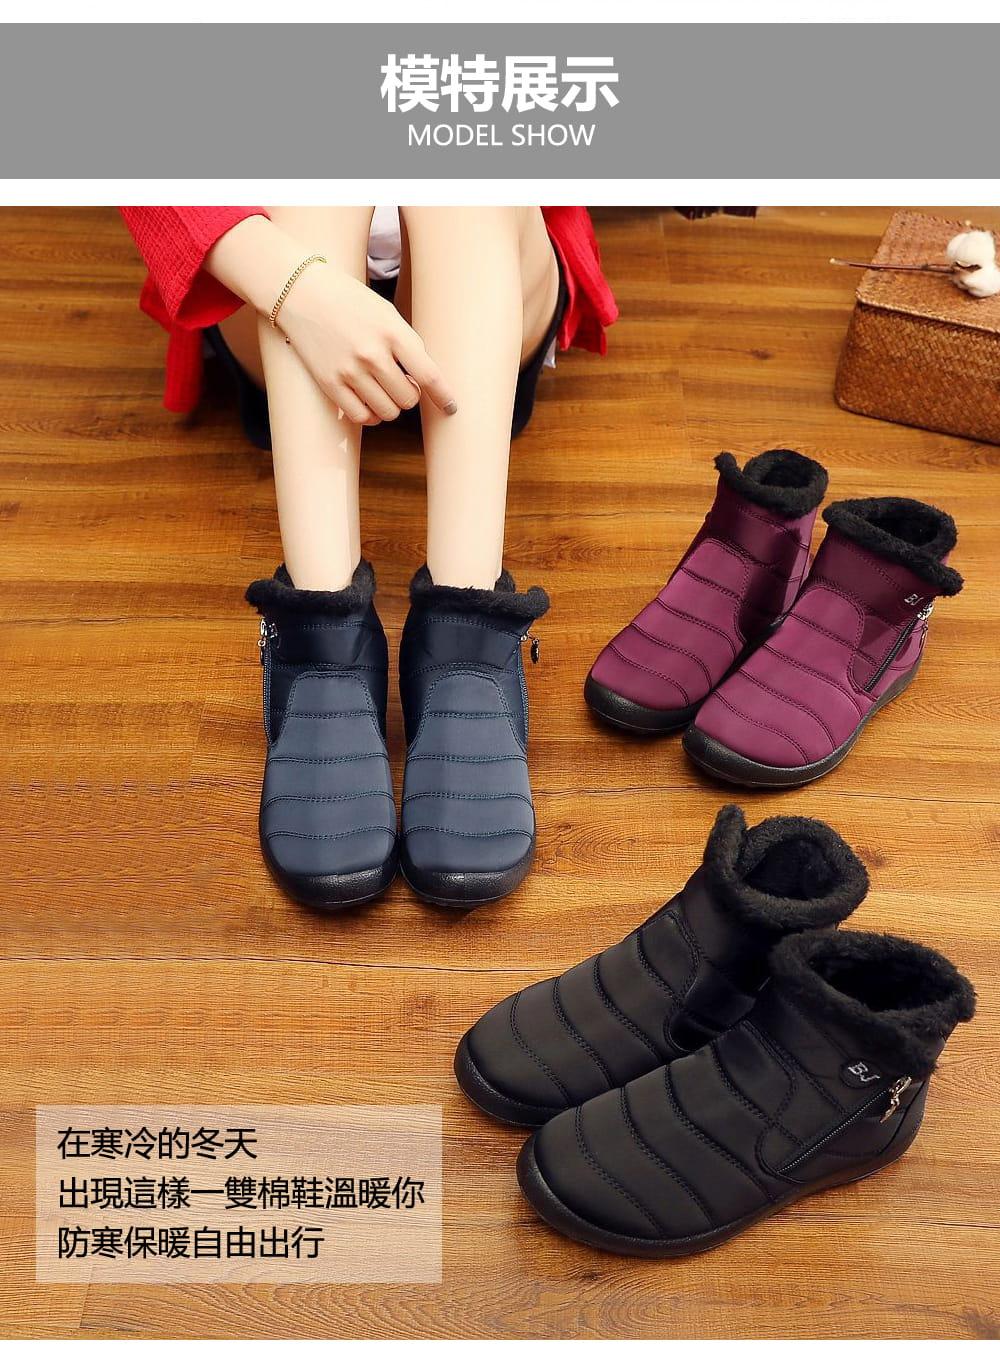 防水保暖防滑厚毛絨雪靴(36-42碼/3色可選) 7